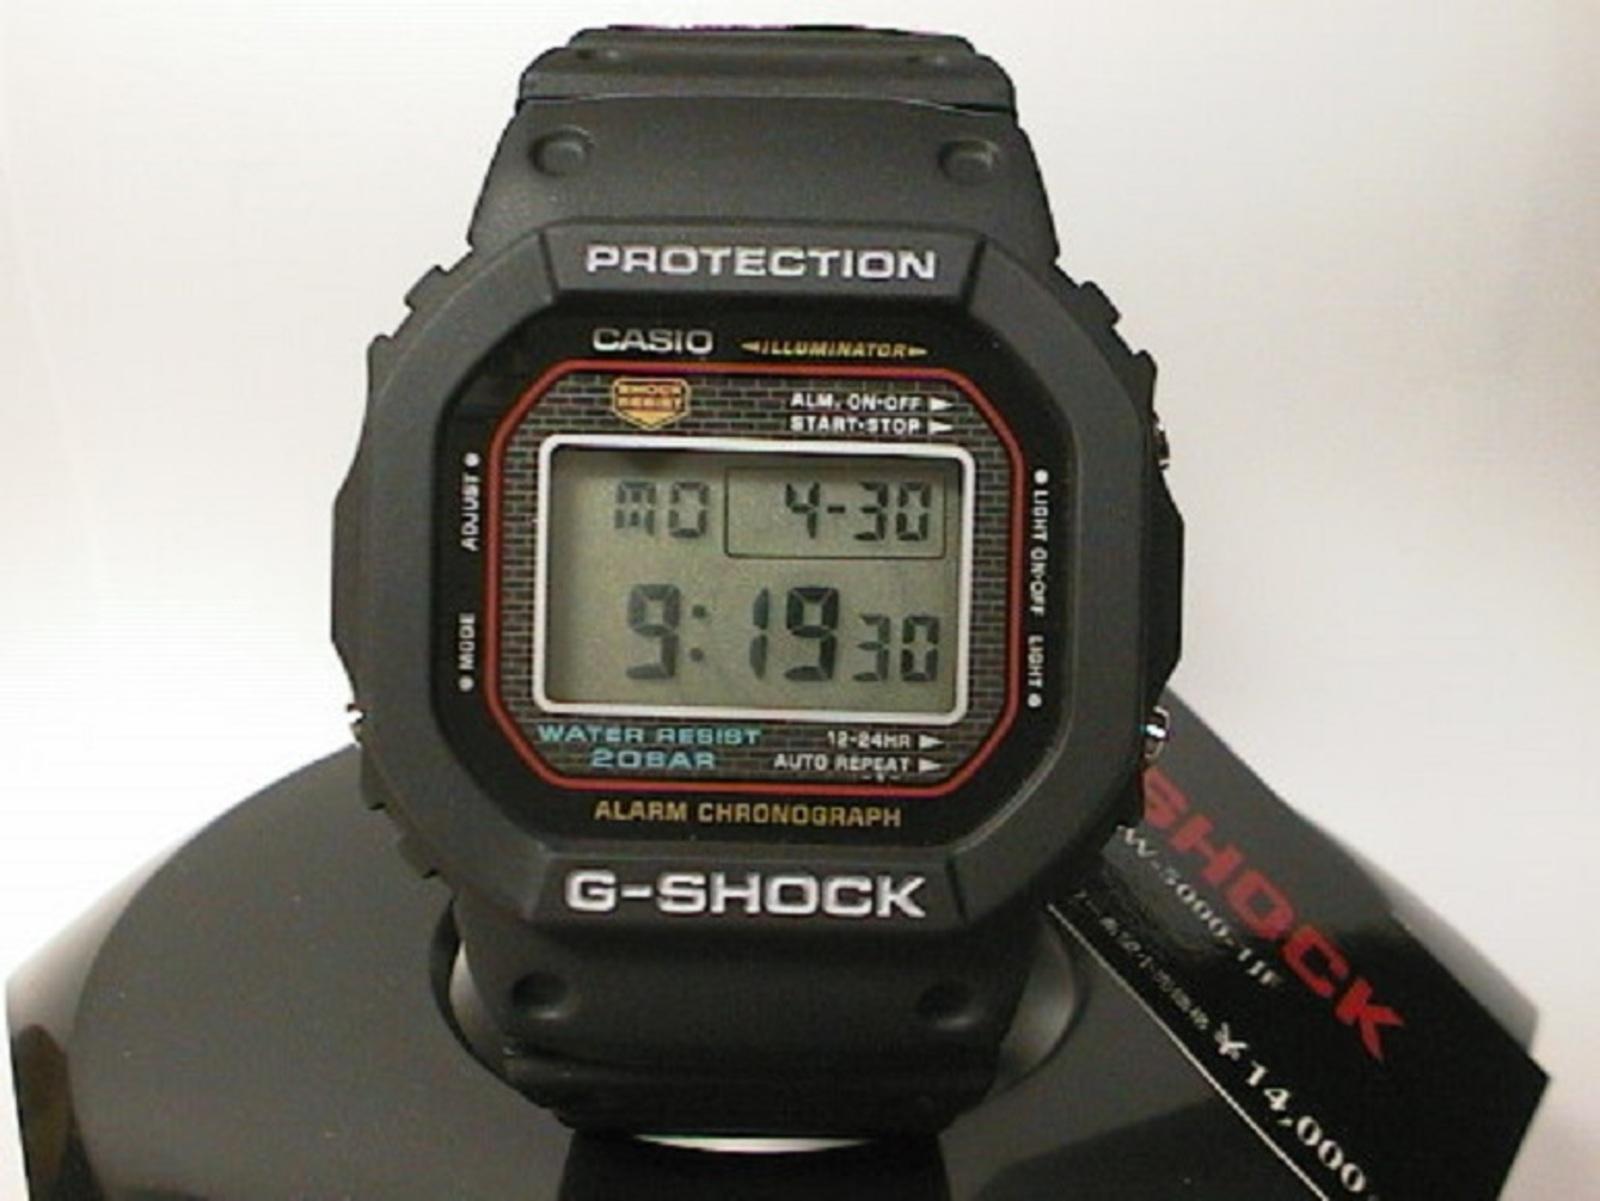 77d1eaa0be5 Relógio Casio G-Shock DW-5000C - Muzeez